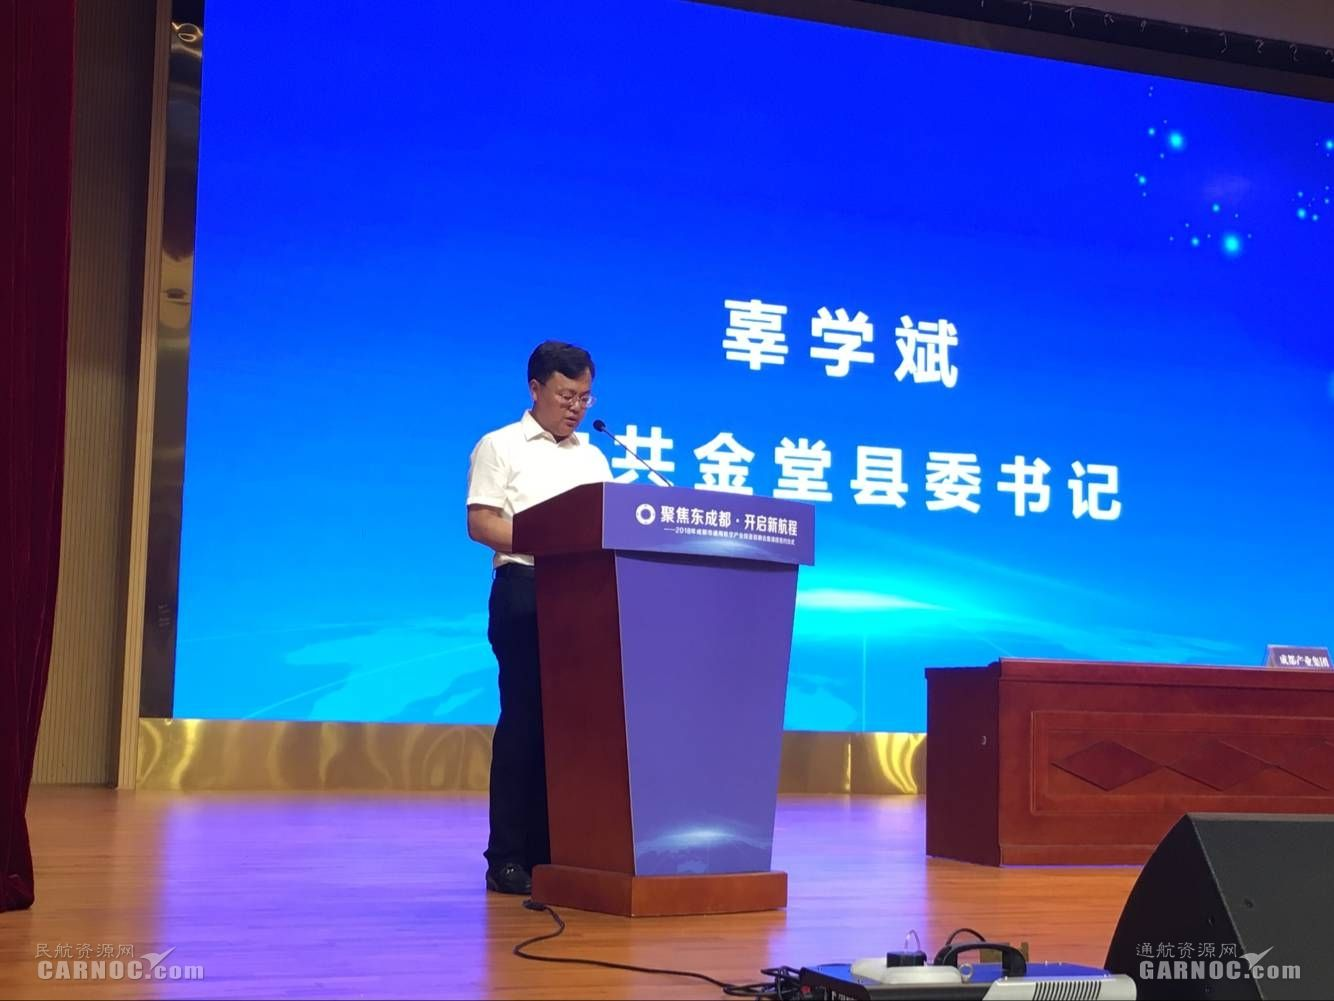 引资123亿!成都通用航空产业投资签约仪式举行|新闻动态-飞翔通航(北京)服务有限责任公司